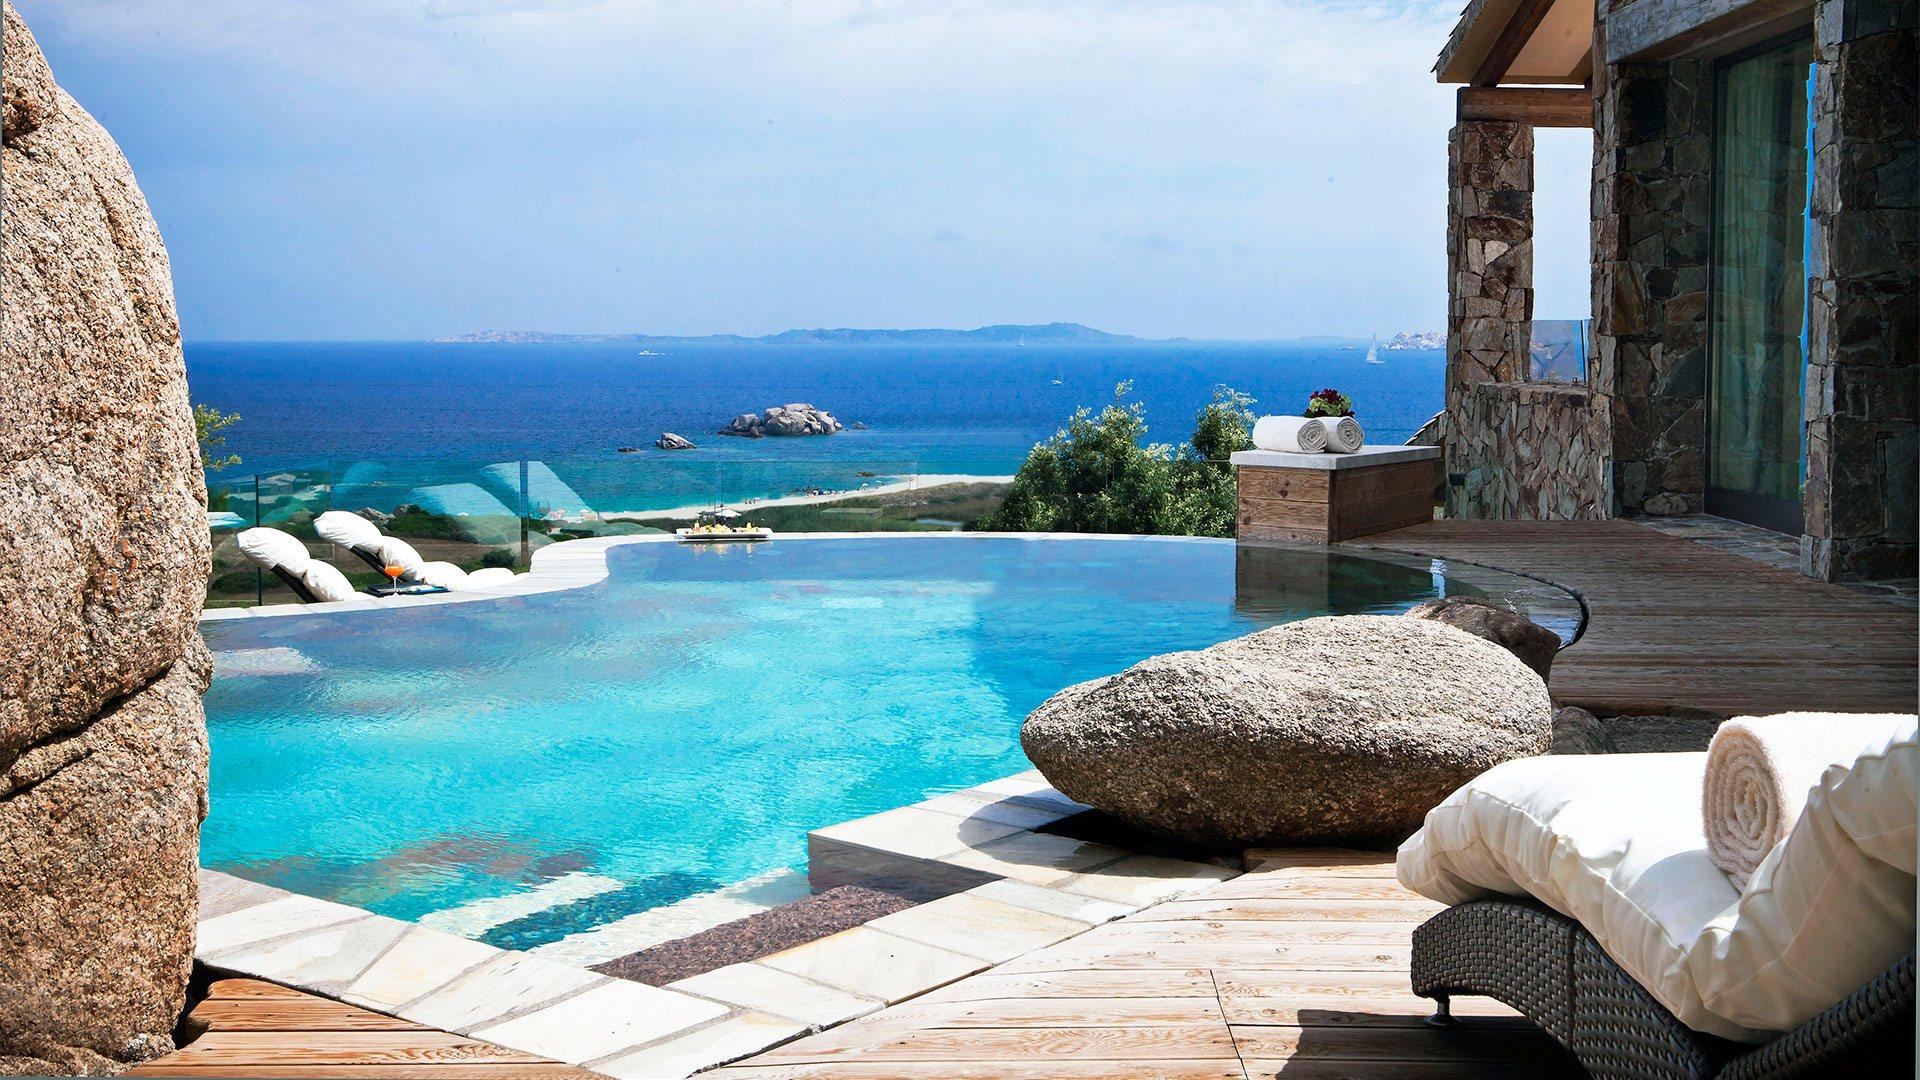 resort-valle-erica-slider-imperial-president-piscina-1